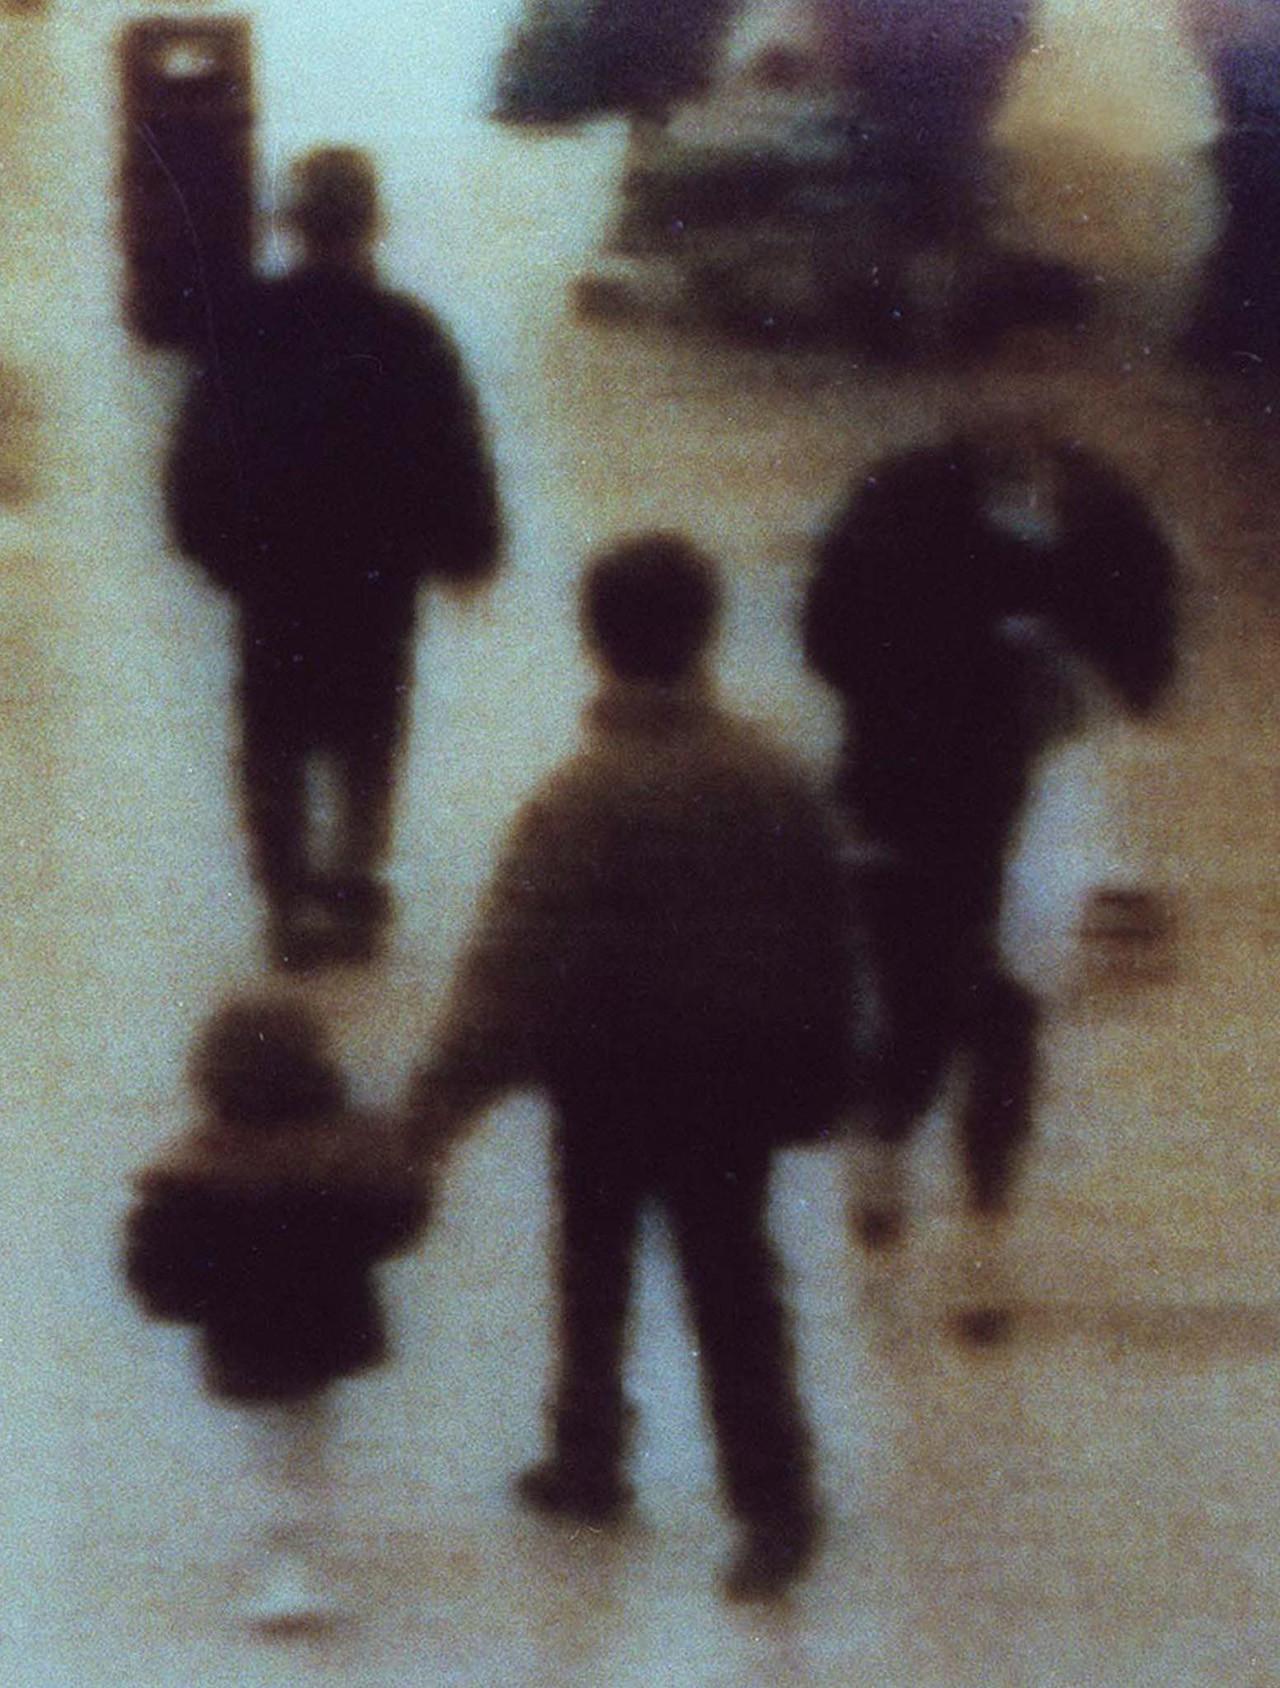 Robert Thompson y Jon Venables, dos niños de 10 años, llevan de un centro comercial de Liverpool (Reino Unido) al pequeño James Bulger. Ese mismo día, 12 de febrero de 1993, lo asesinan luego de torturarlo.